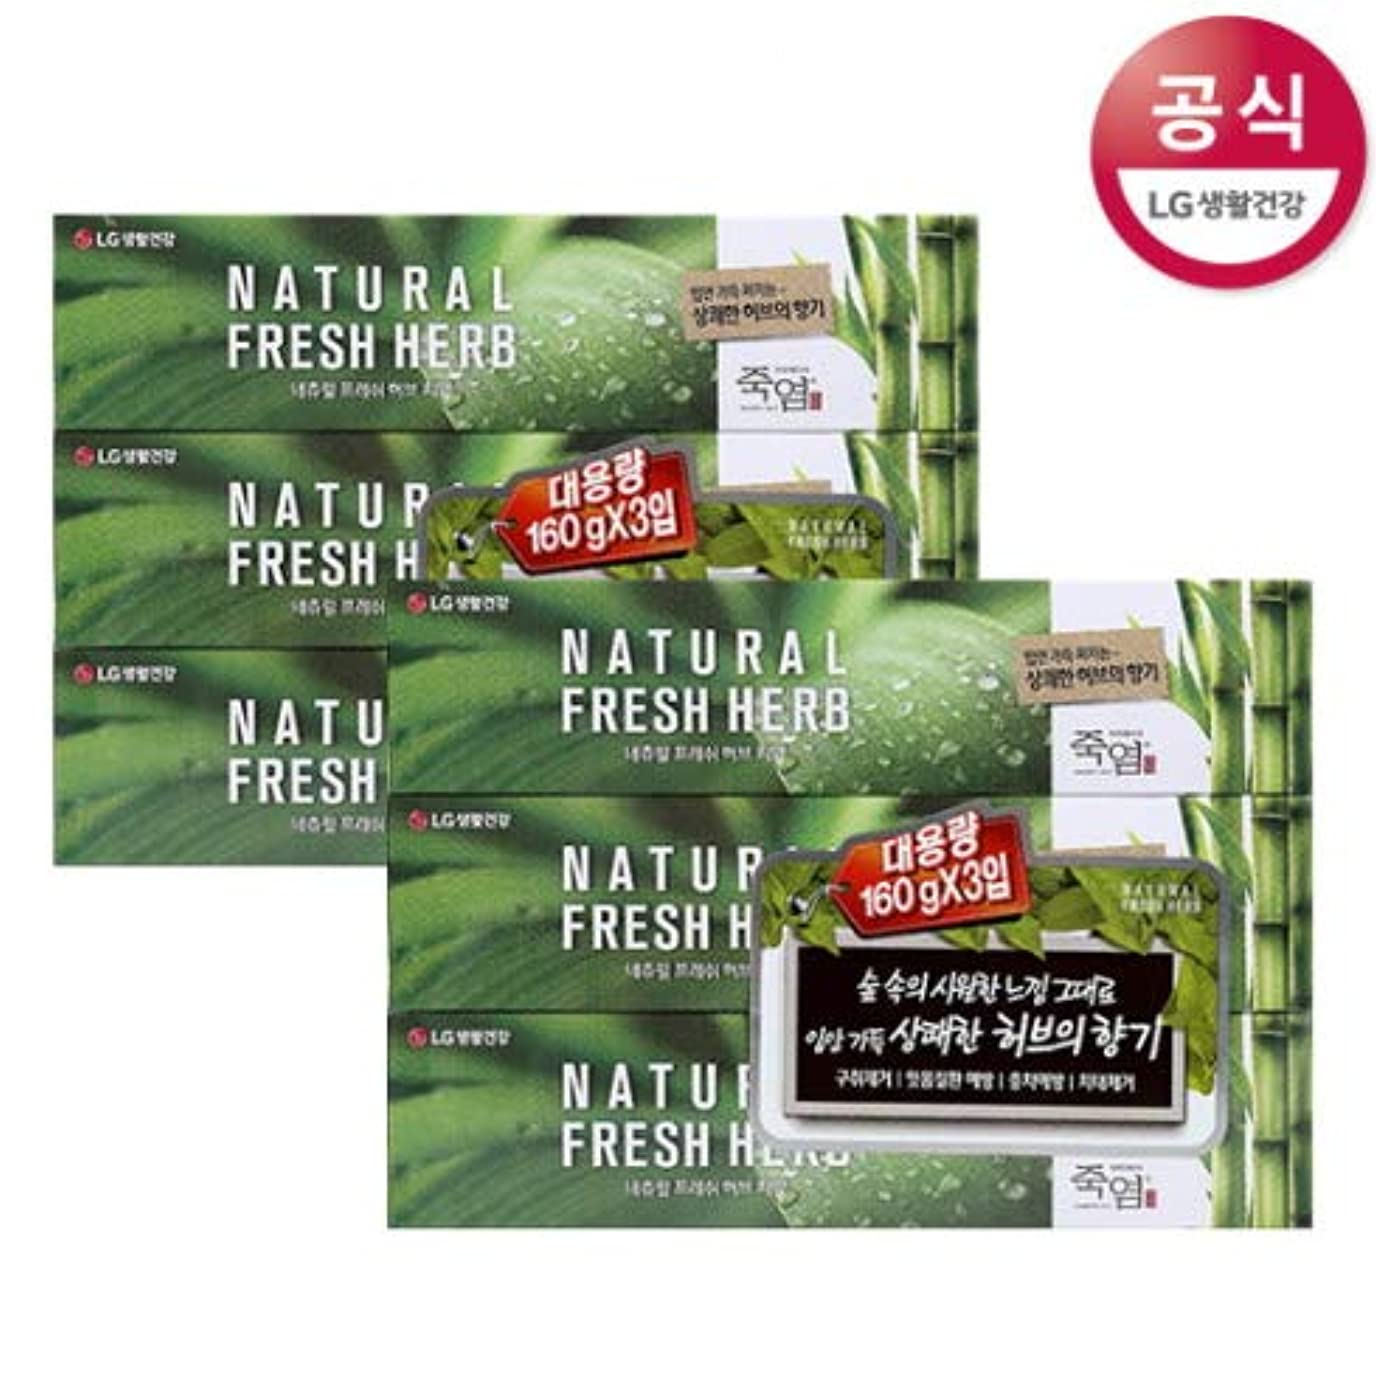 チェスをする振りかける姓[LG HnB] Bamboo Salt Natural Fresh Herbal Toothpaste/竹塩ナチュラルフレッシュハーブ歯磨き粉 160gx6個(海外直送品)